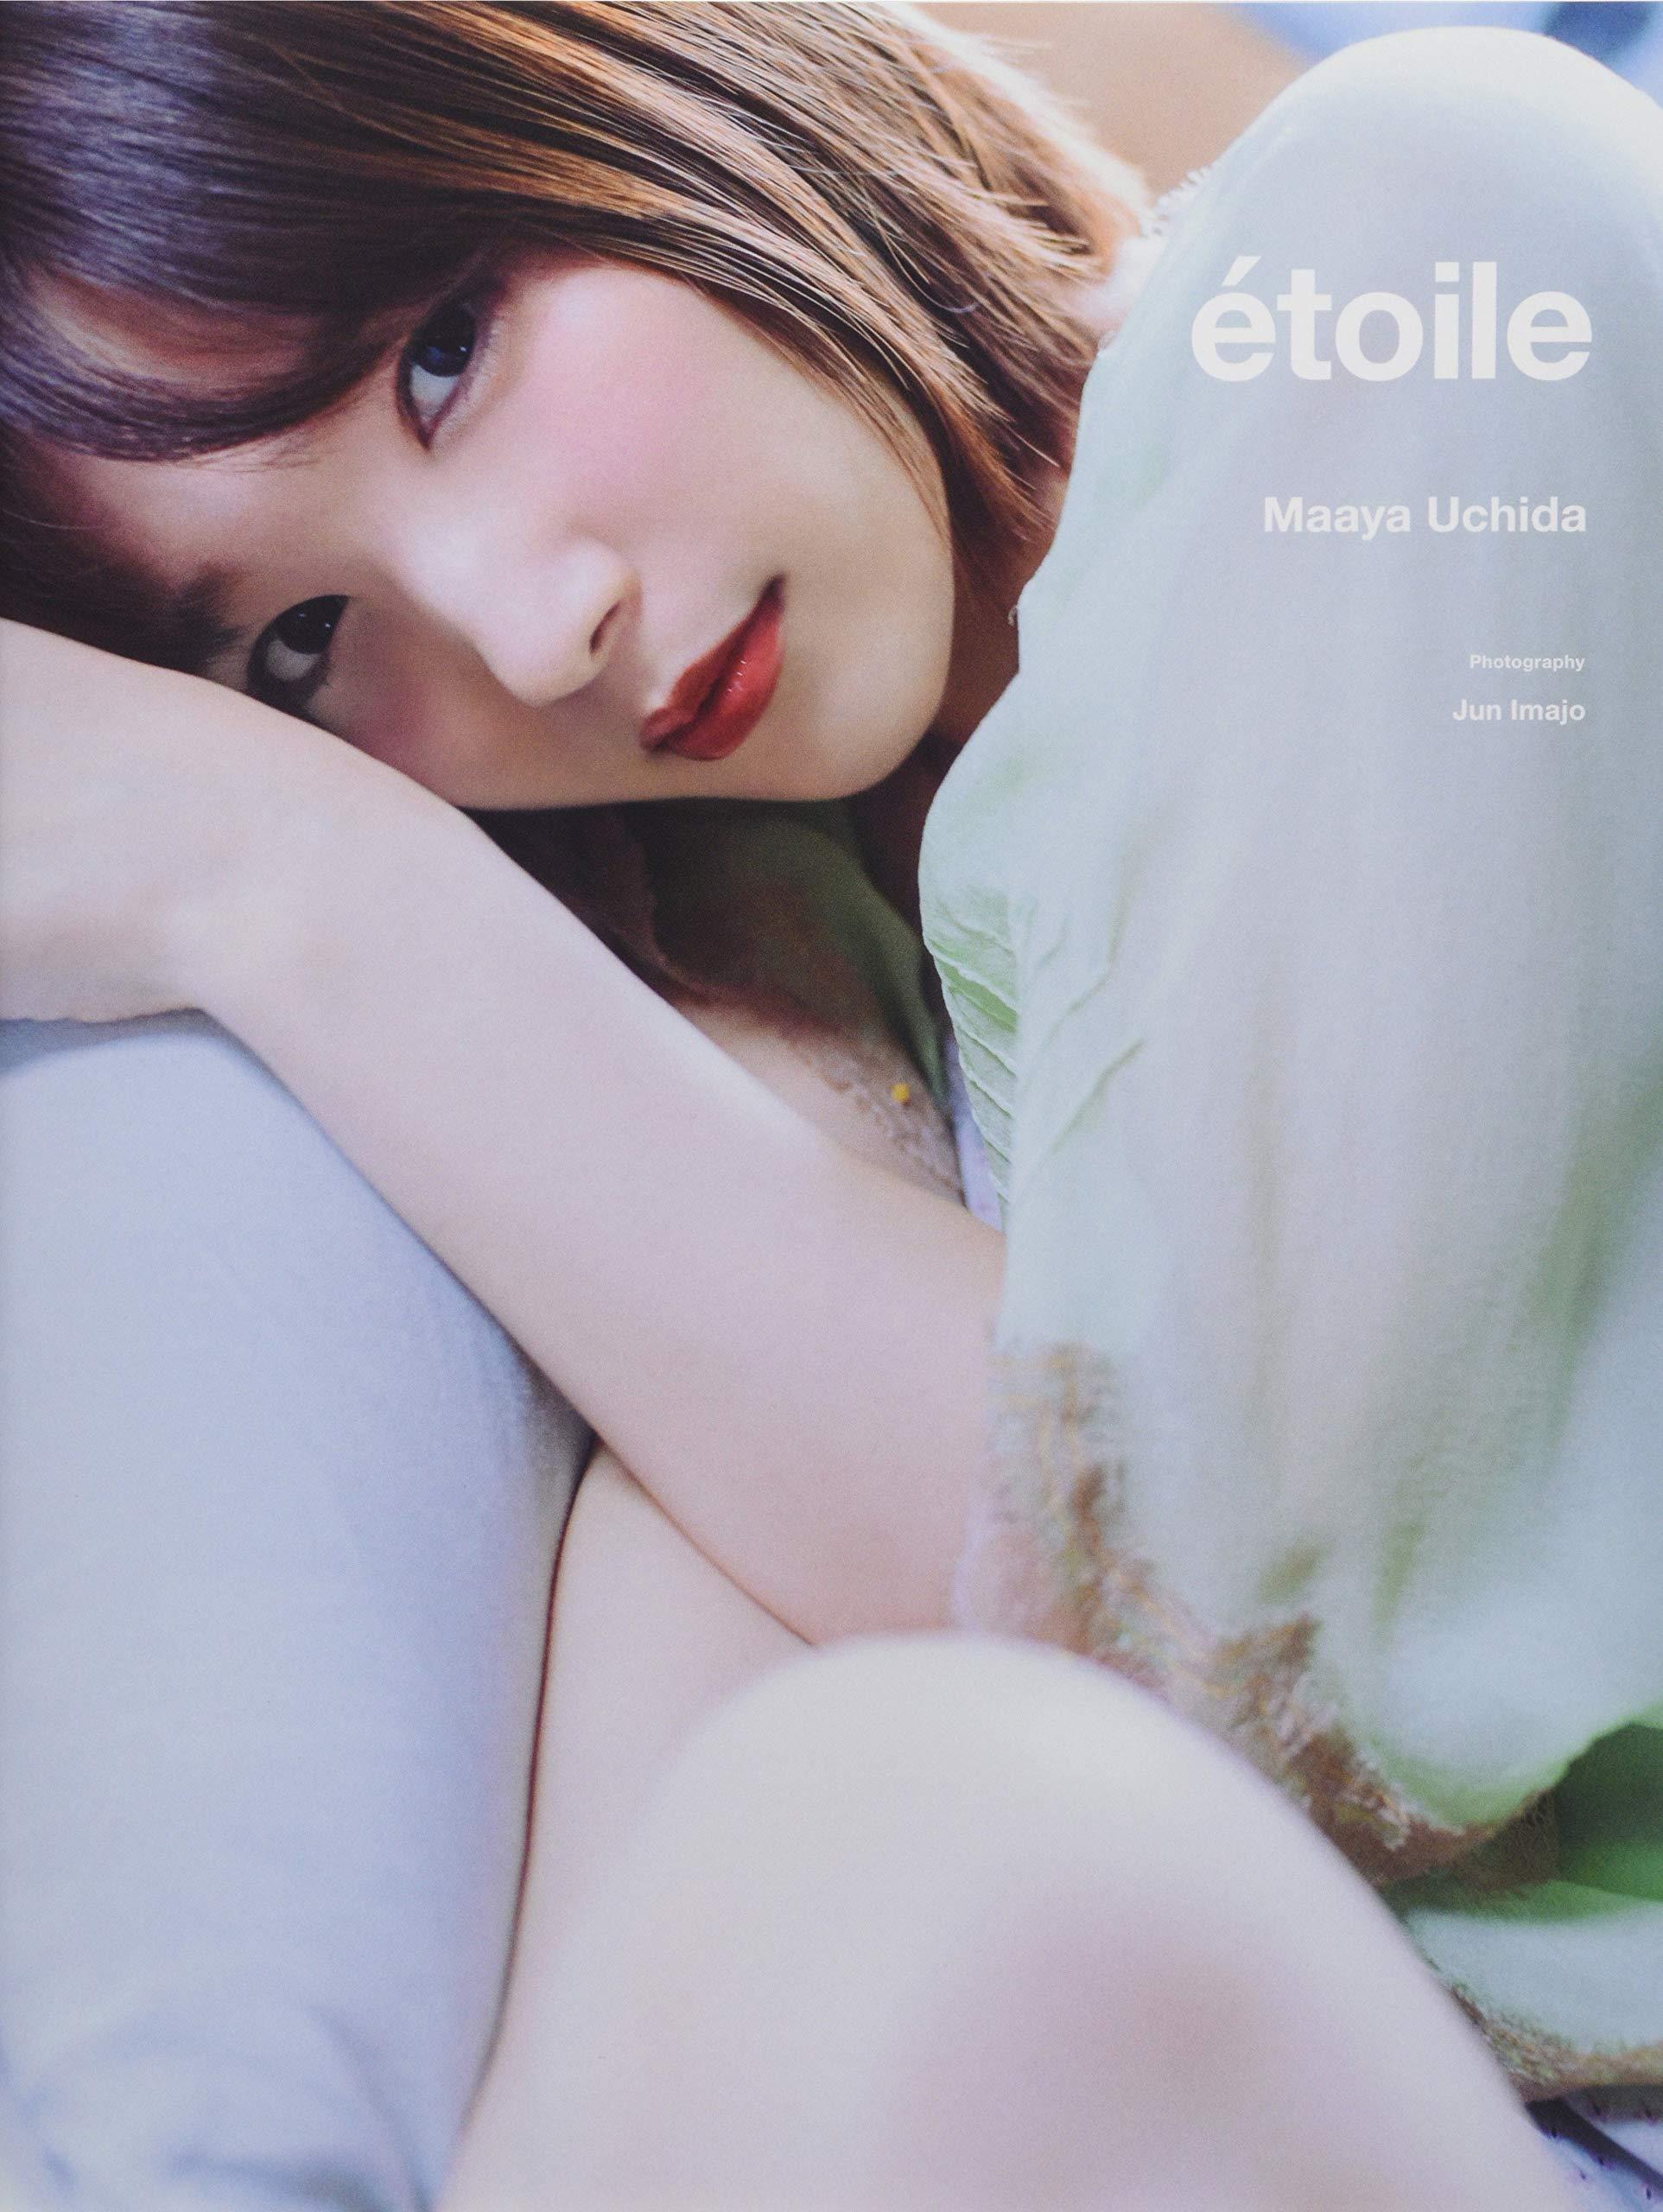 内田真礼写真集『etoile』